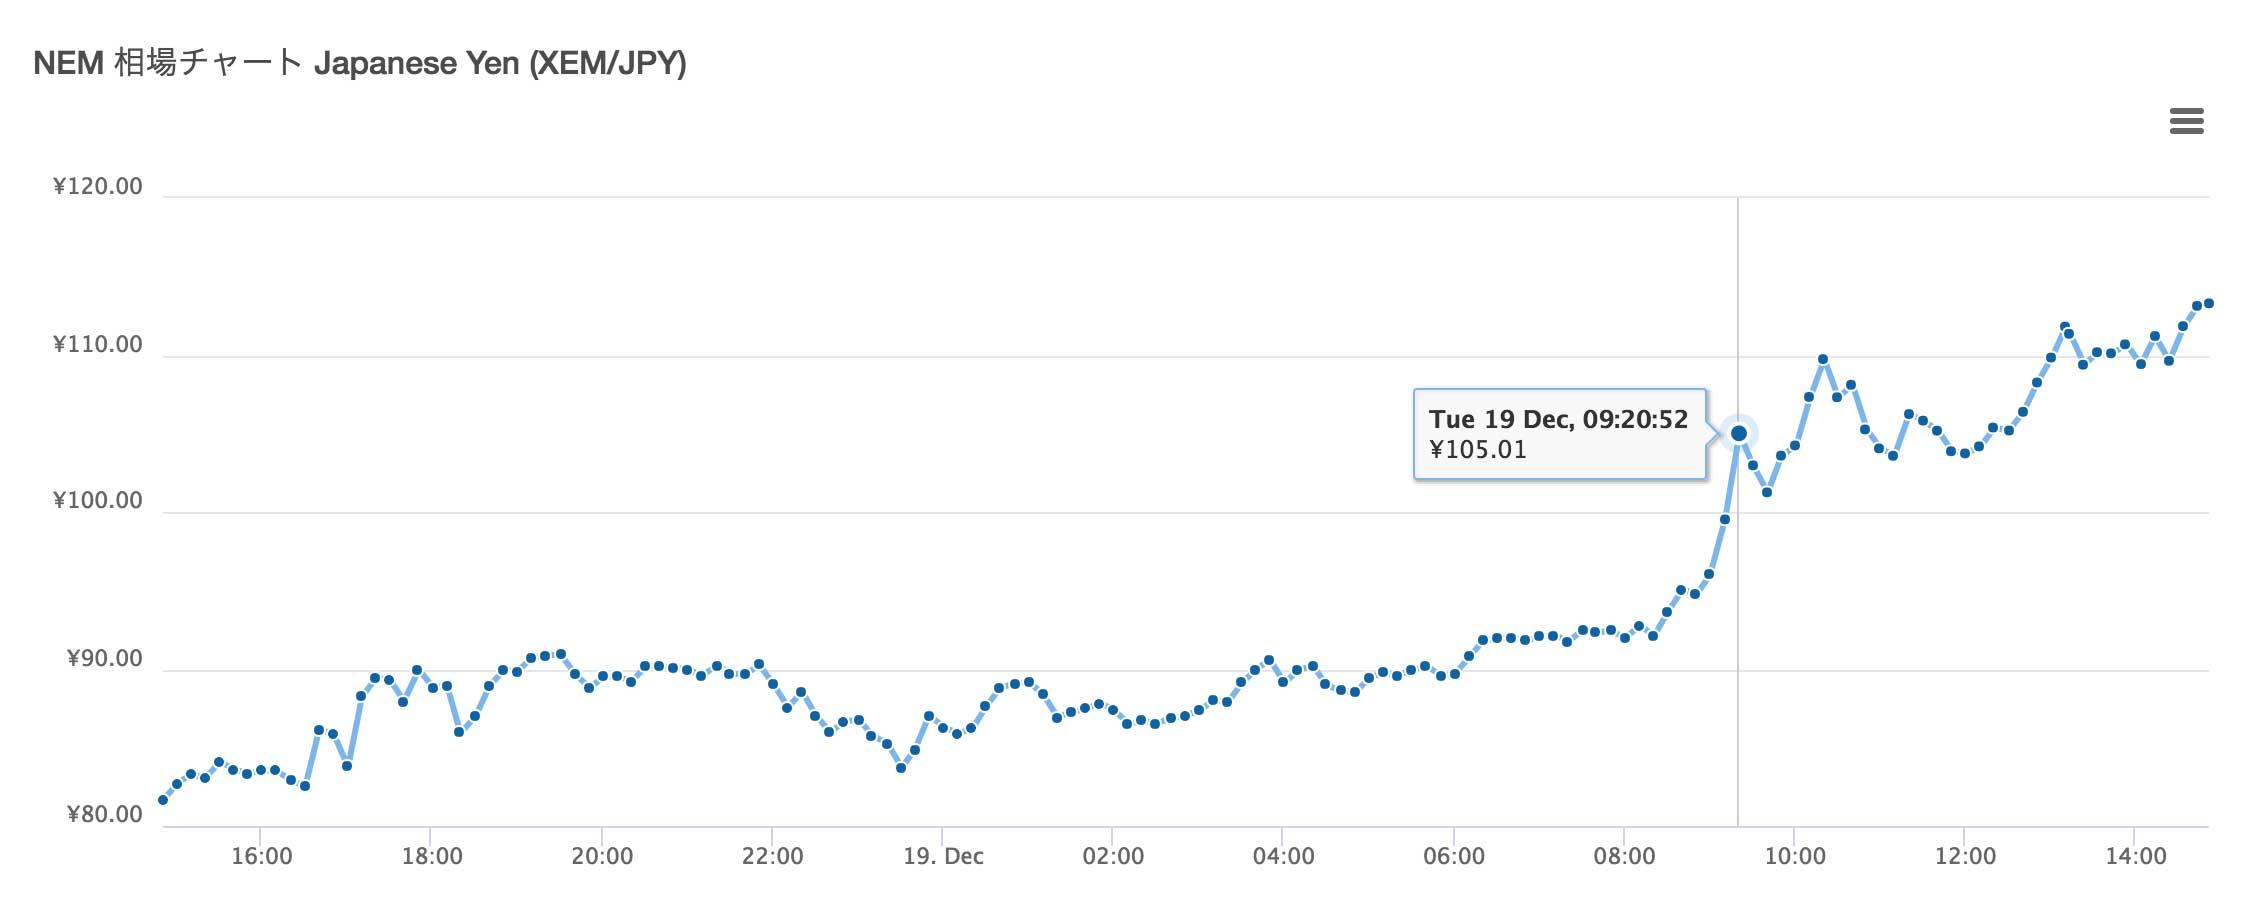 仮想通貨ネム(NEM/XEM)が 100円を突破したときの NEM チャート画像